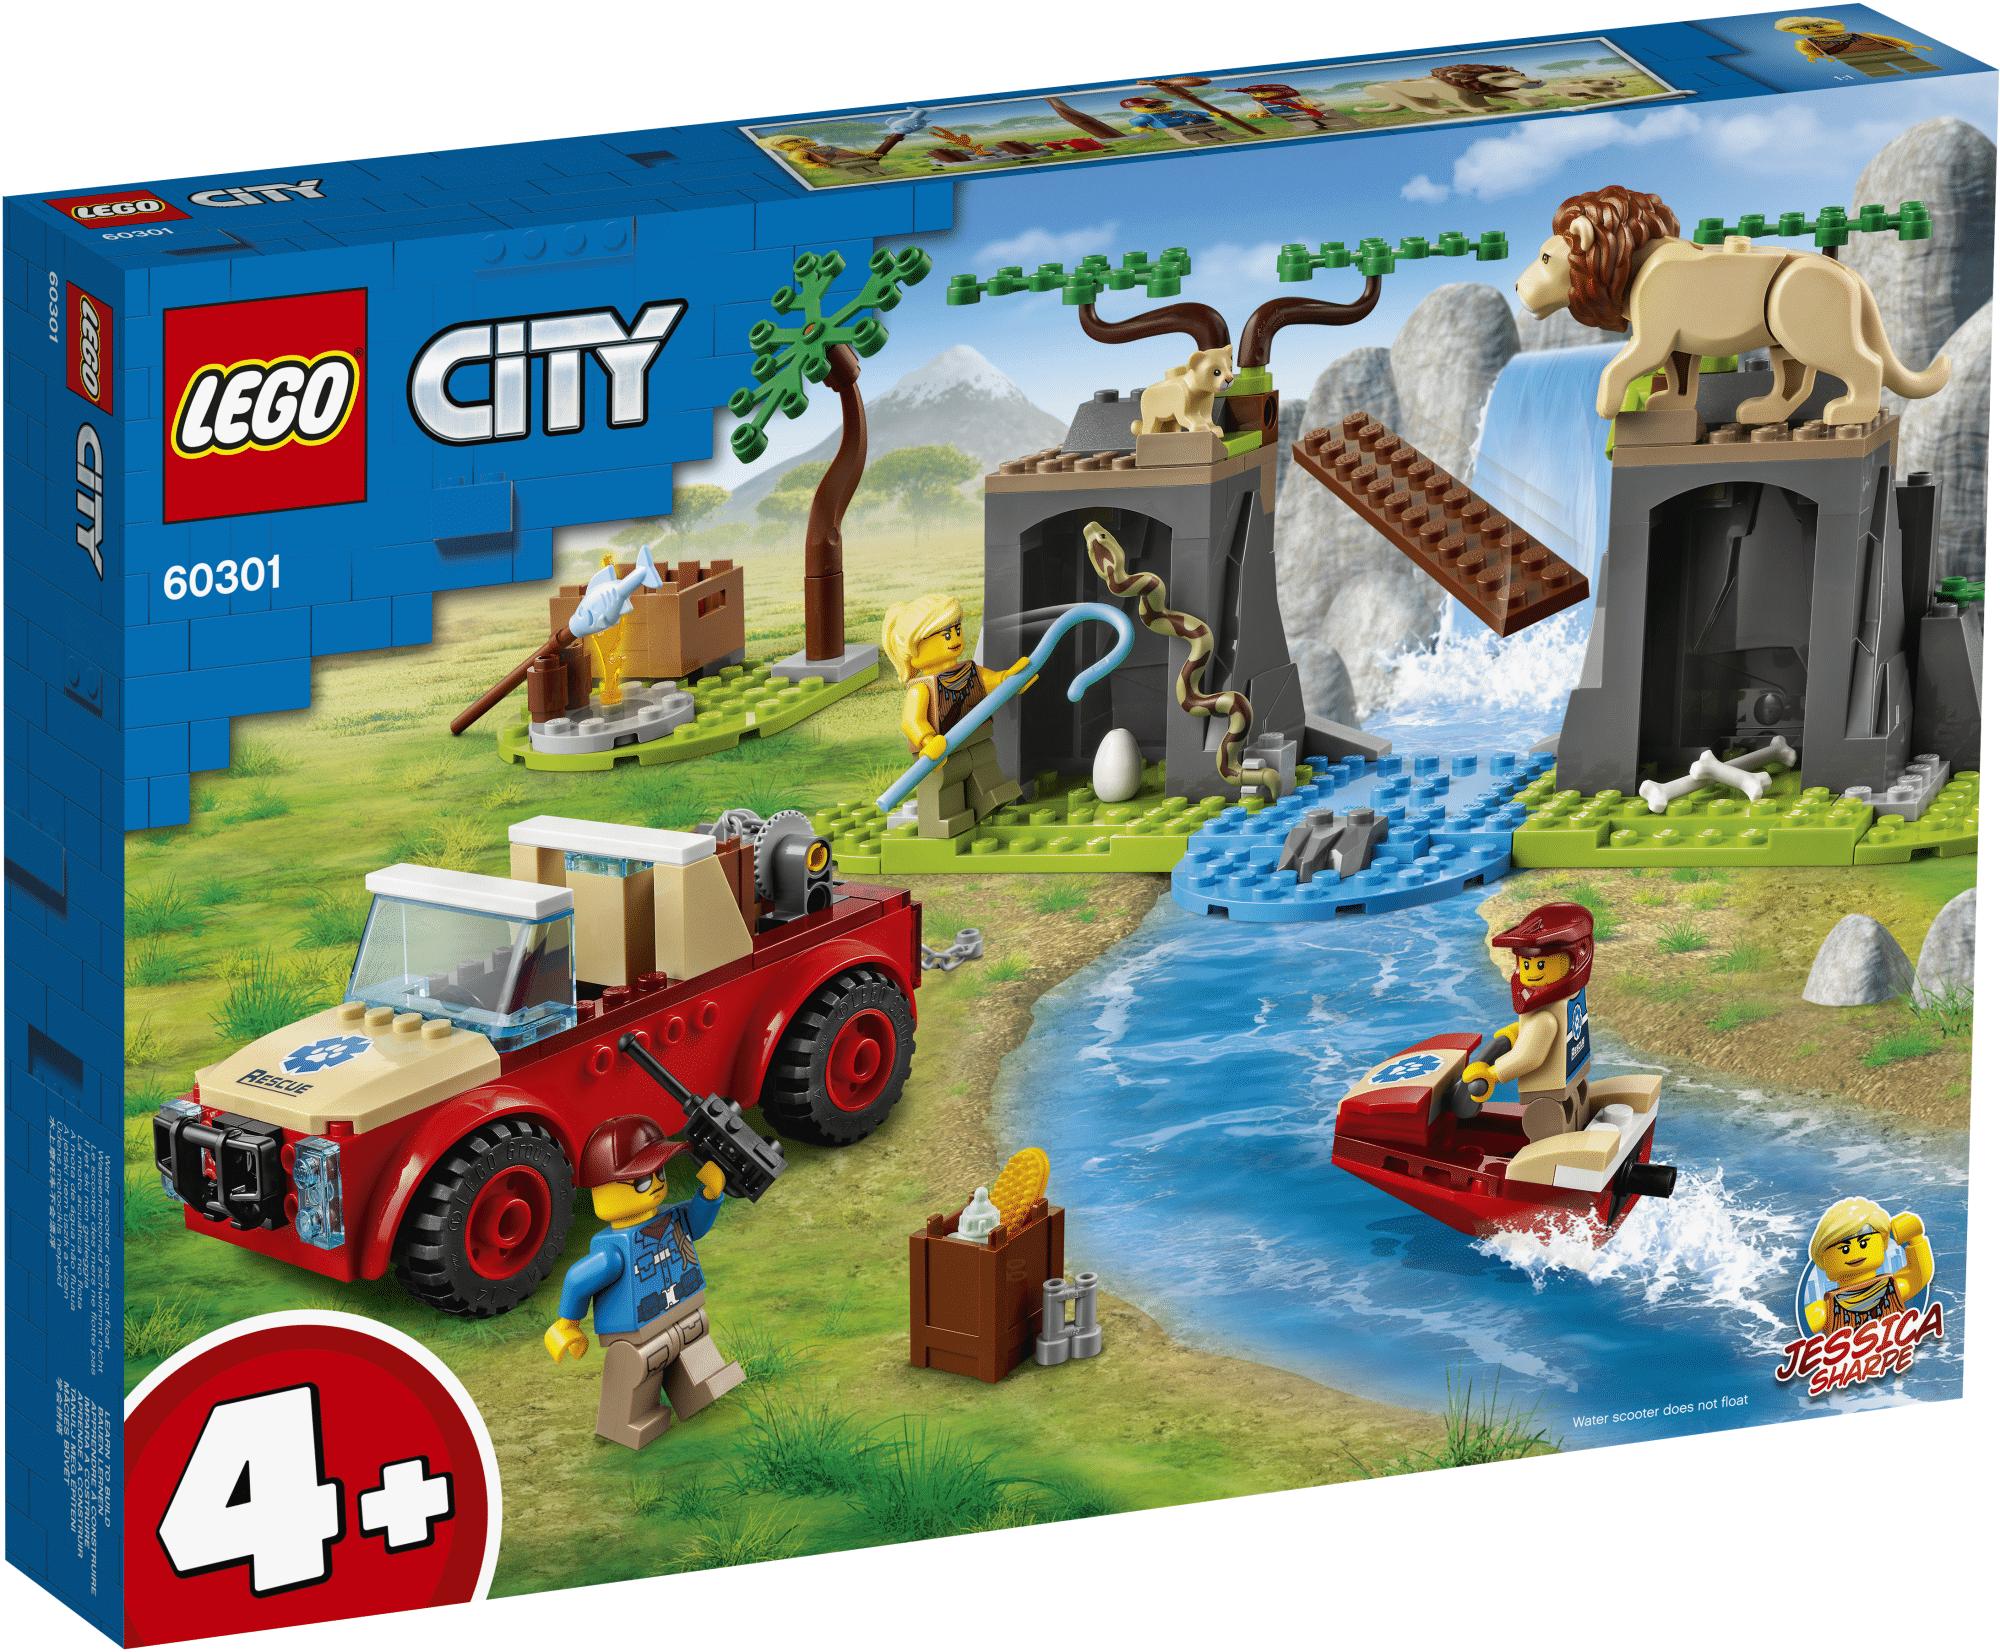 LEGO City 60301